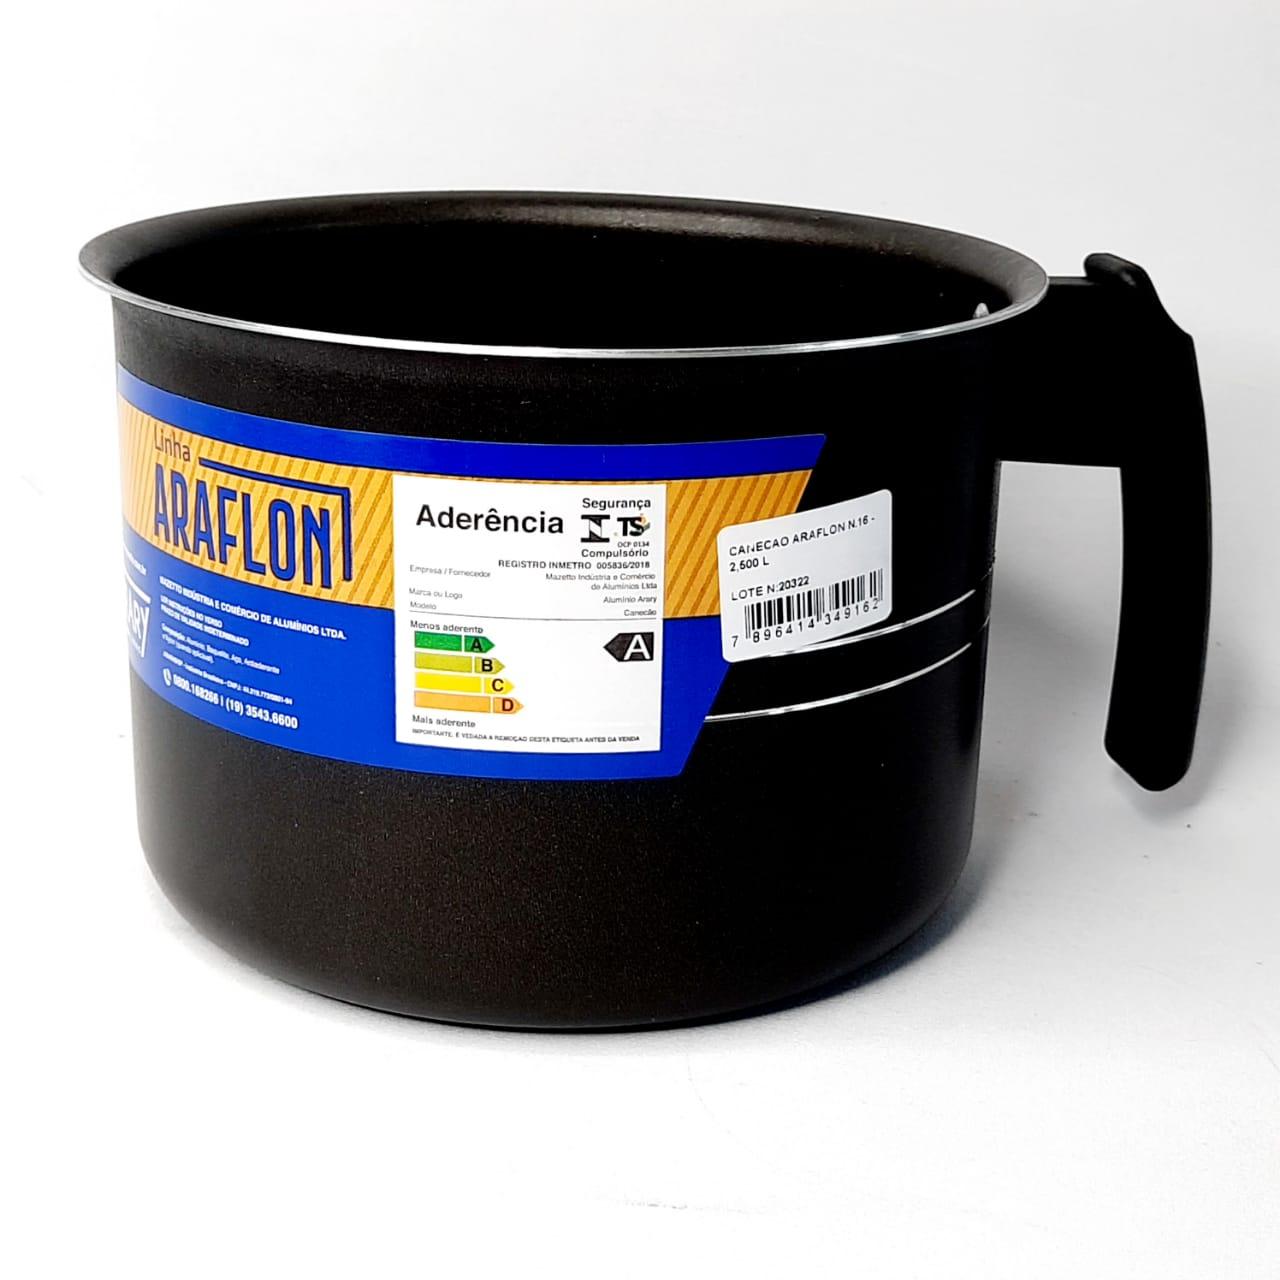 Caneca Alumínio Antiaderente N 16 Arary